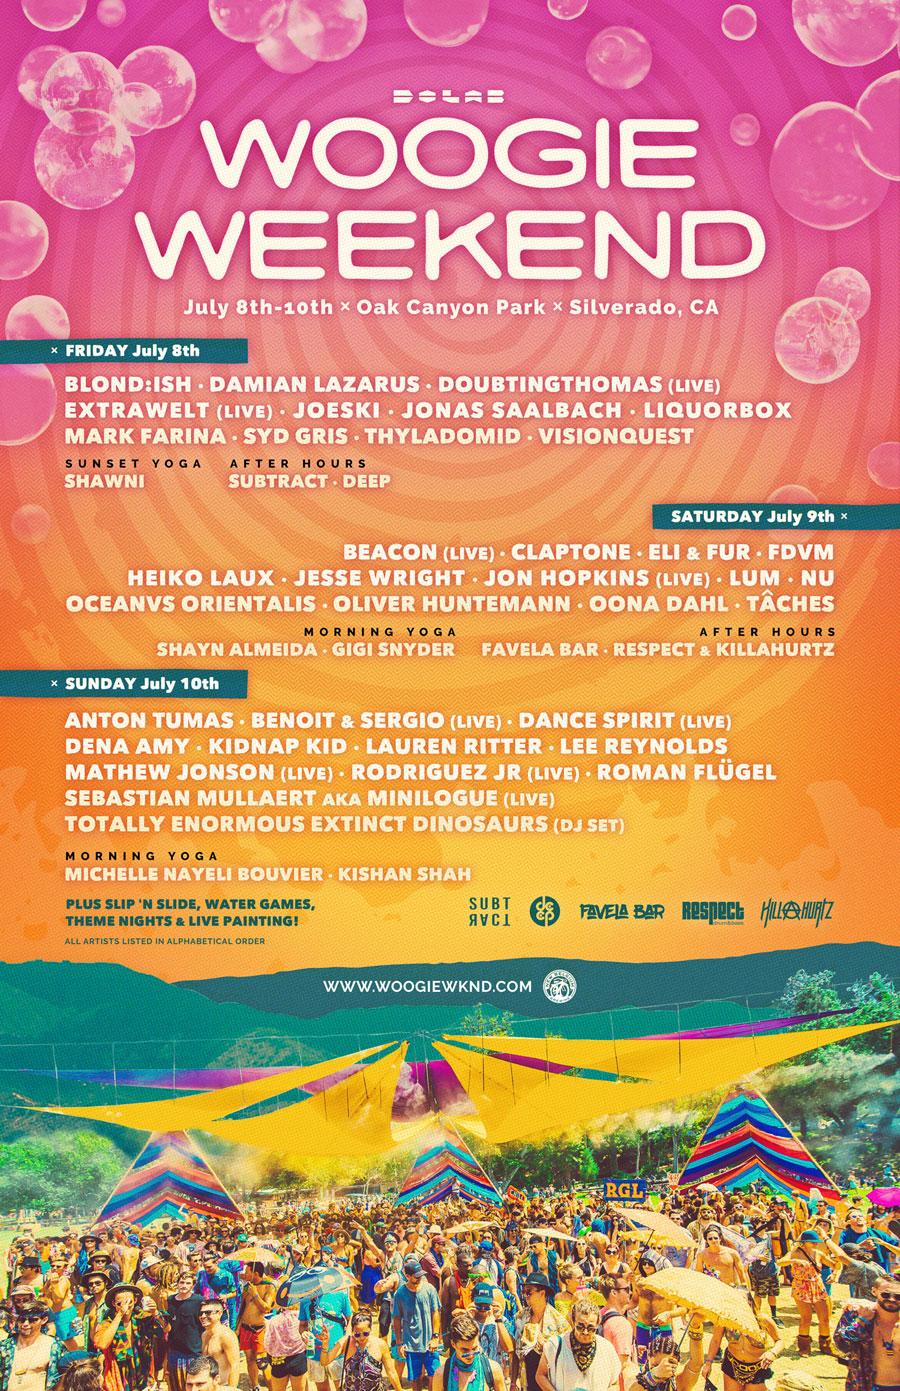 Woogie Weekend 2016 Lineup